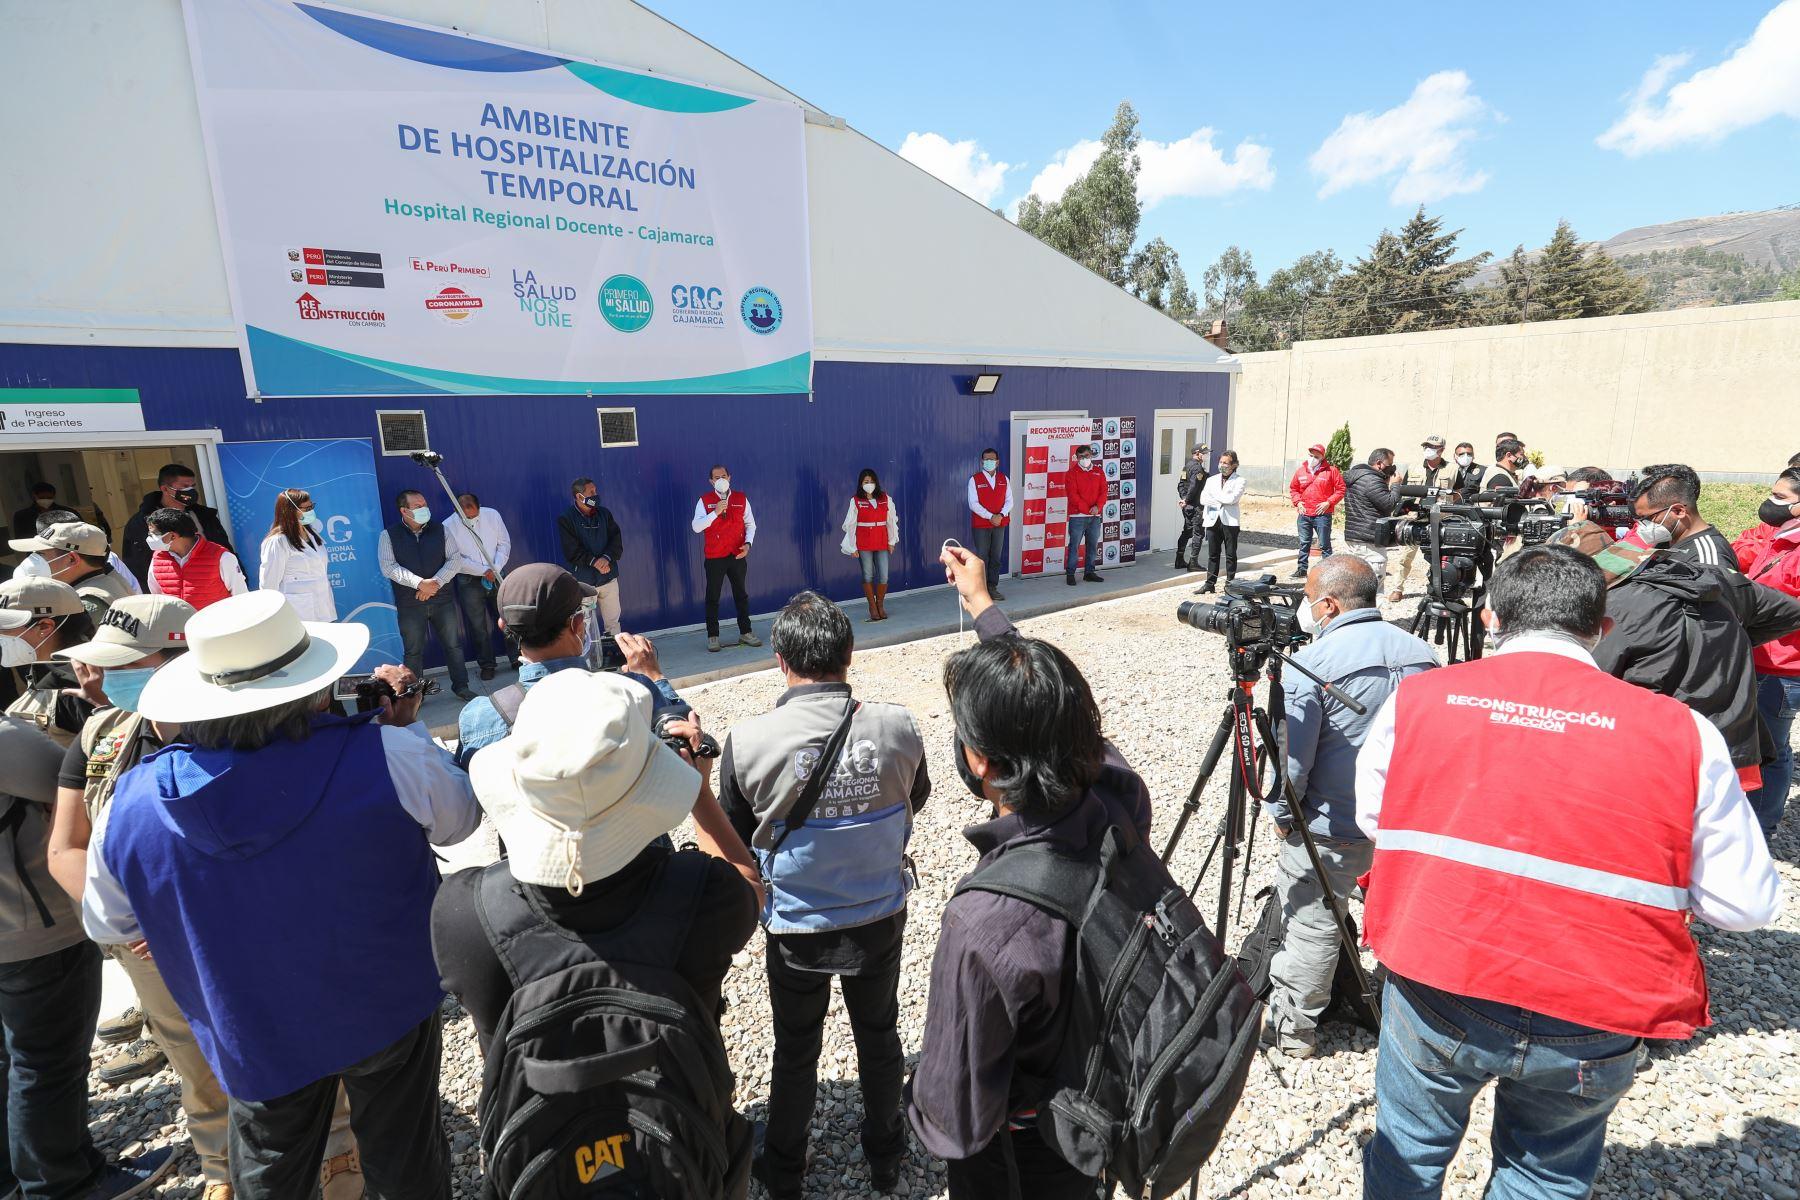 El primer ministro, Walter Martos, acompañado del gobernador regional, Mesías Guevara, viaja a Cajamarca para hacer entrega de un Centro de Atención Temporal para pacientes Covid-19. Foto: ANDINA/PCM